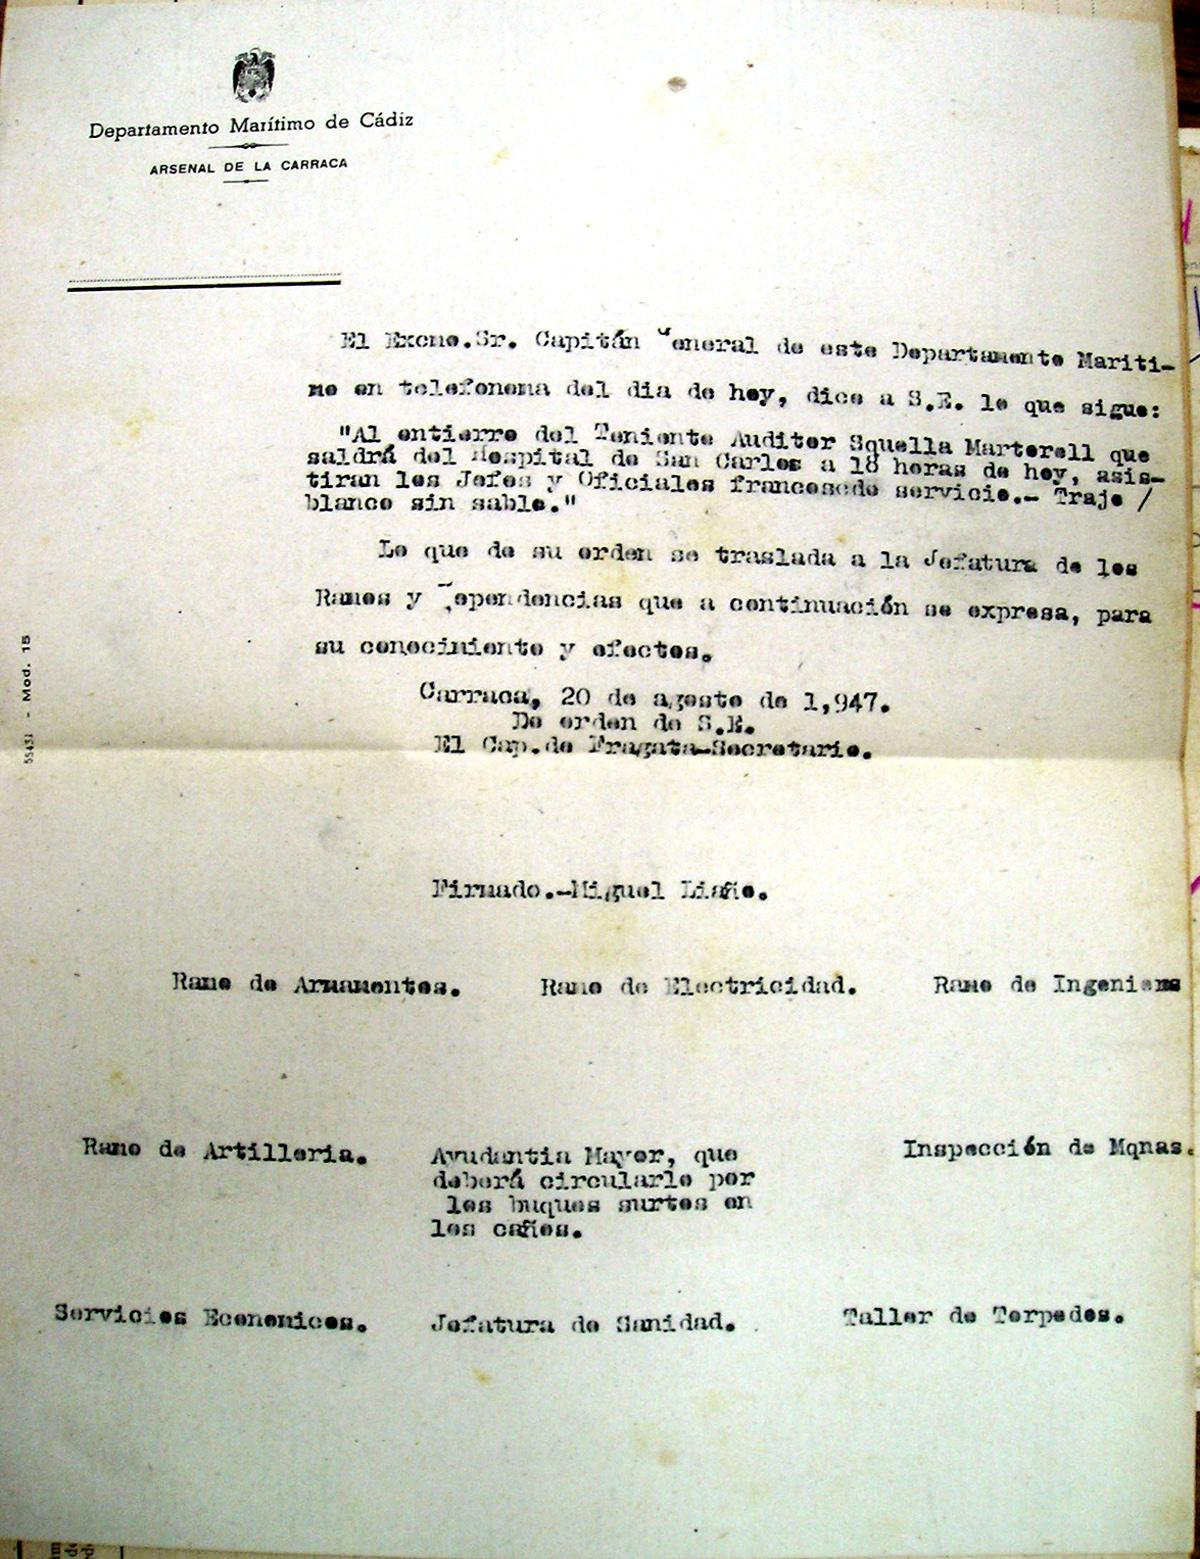 Telefonema del Capitán General sobre el entierro del teniente auditor Gabriel Squella Martorell